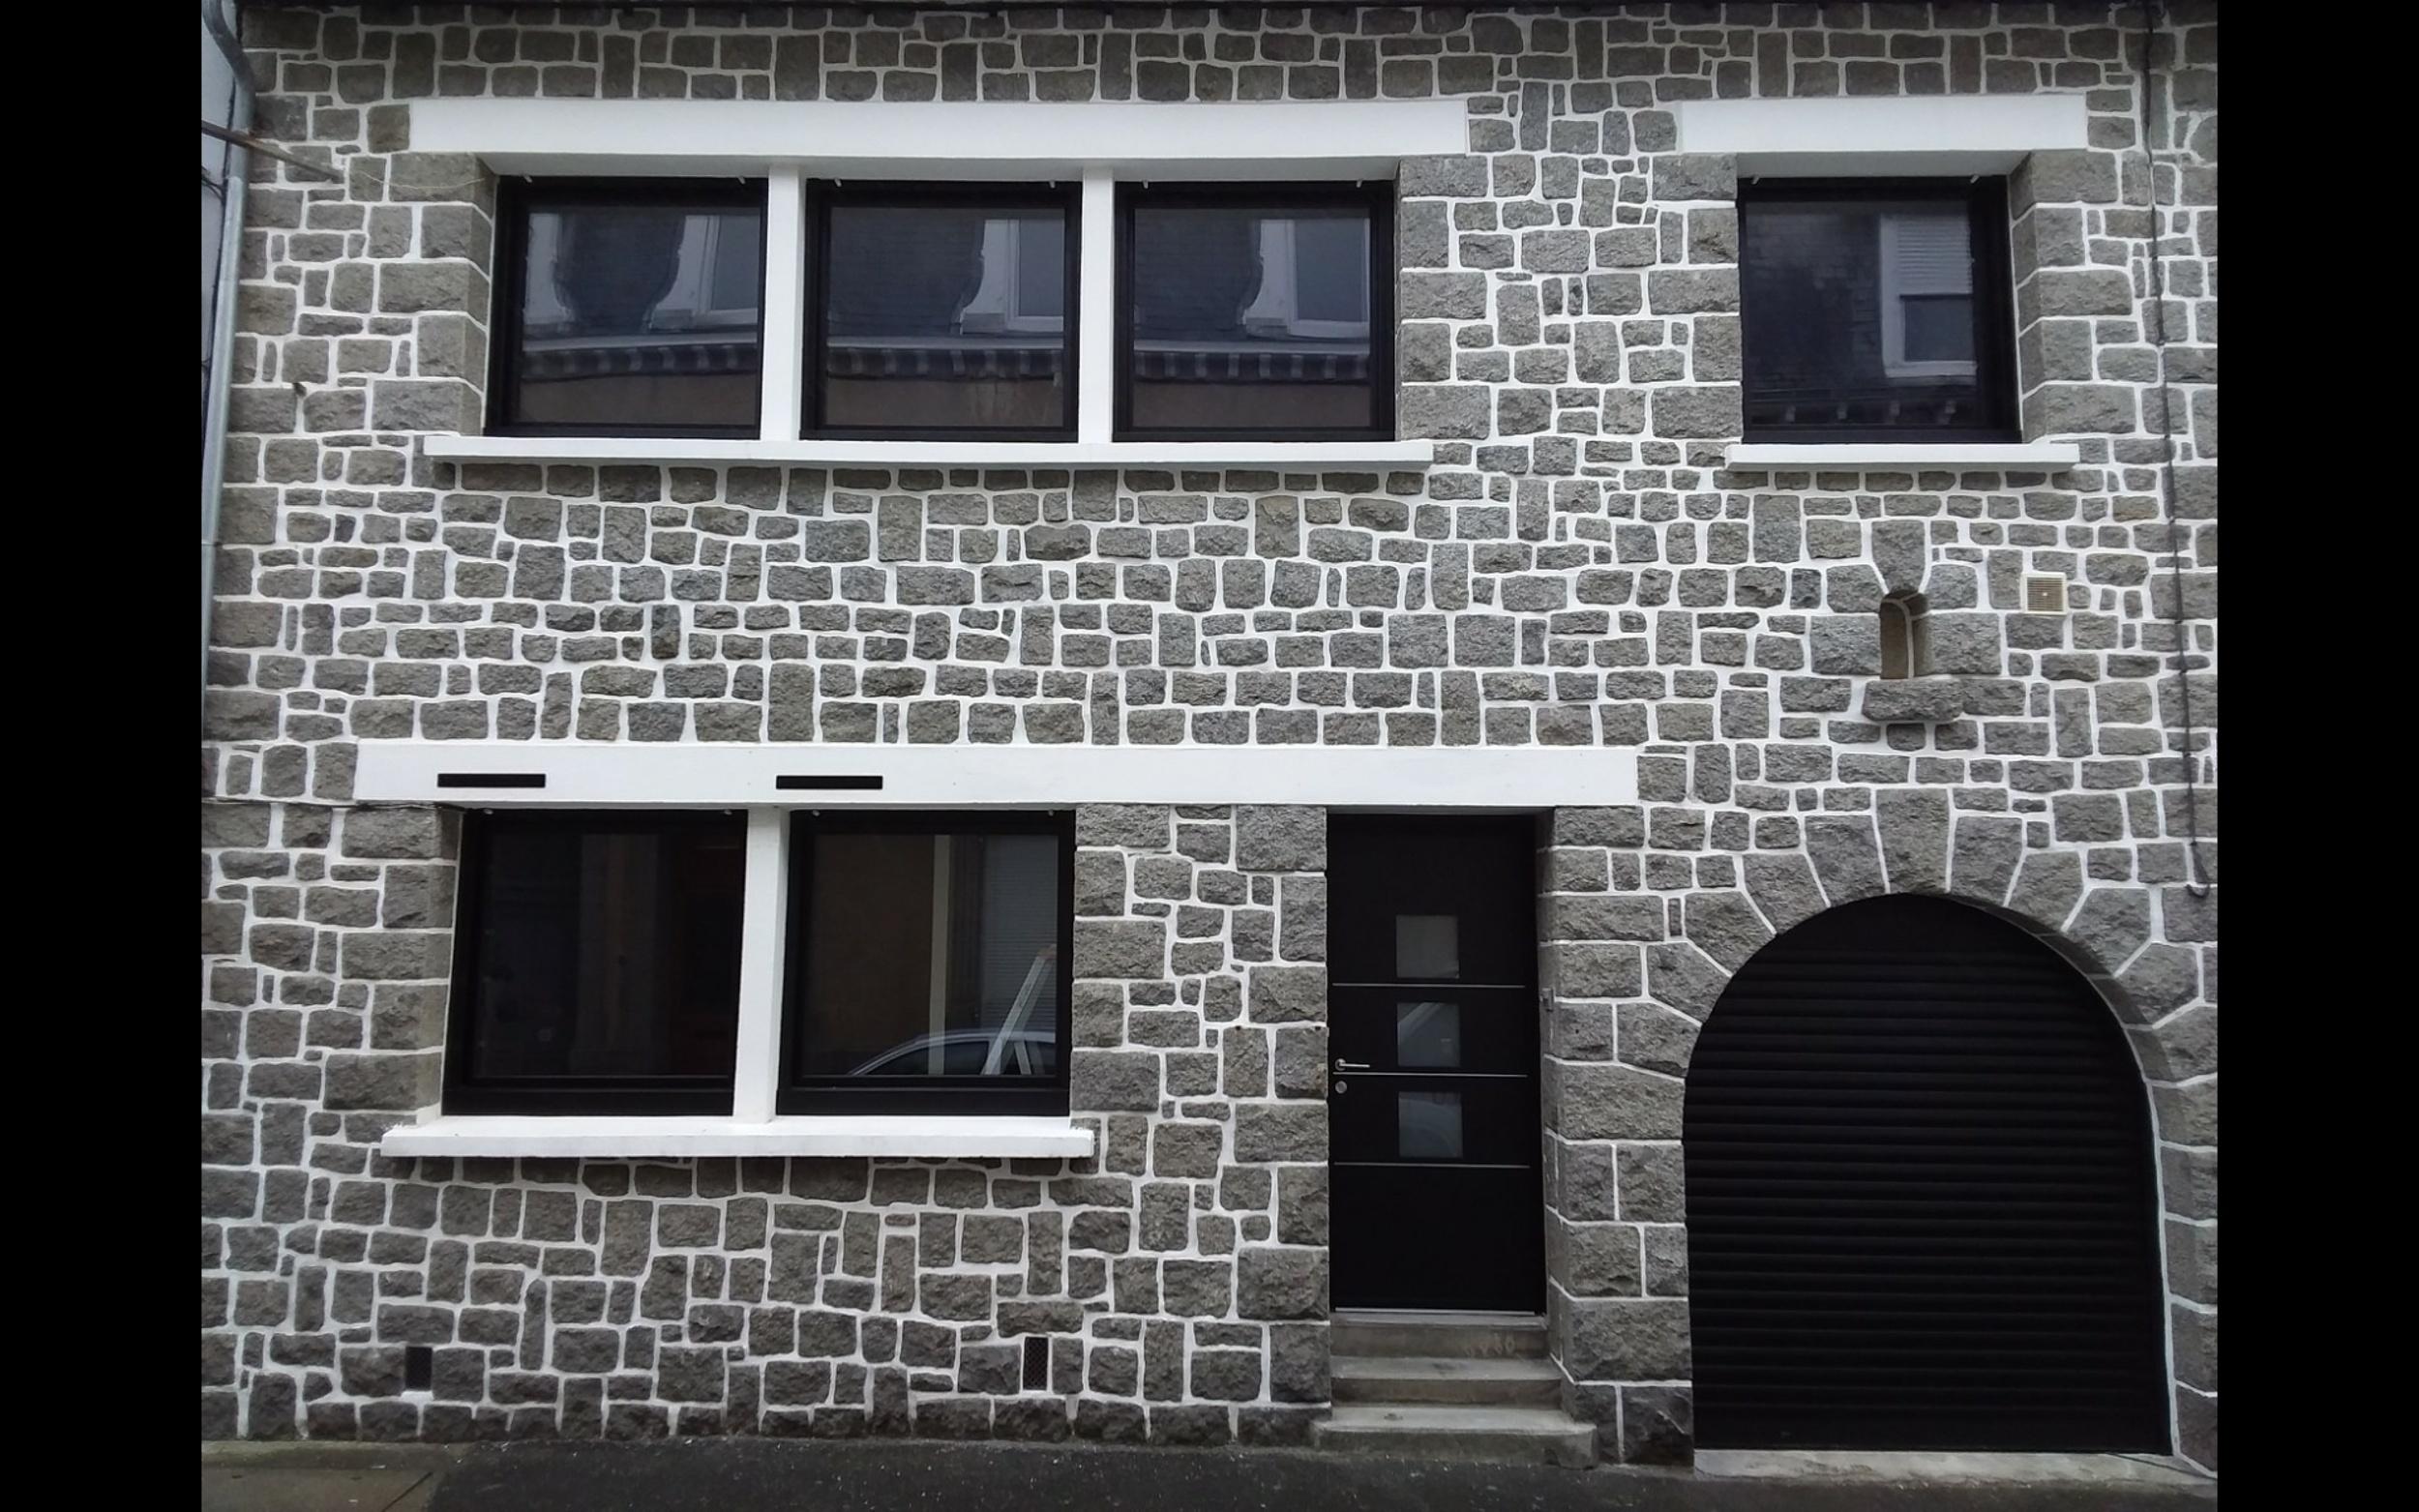 Rénovation complète de maison - menuiseries aluminium et porte de garage enroulable - Saint-Brieuc